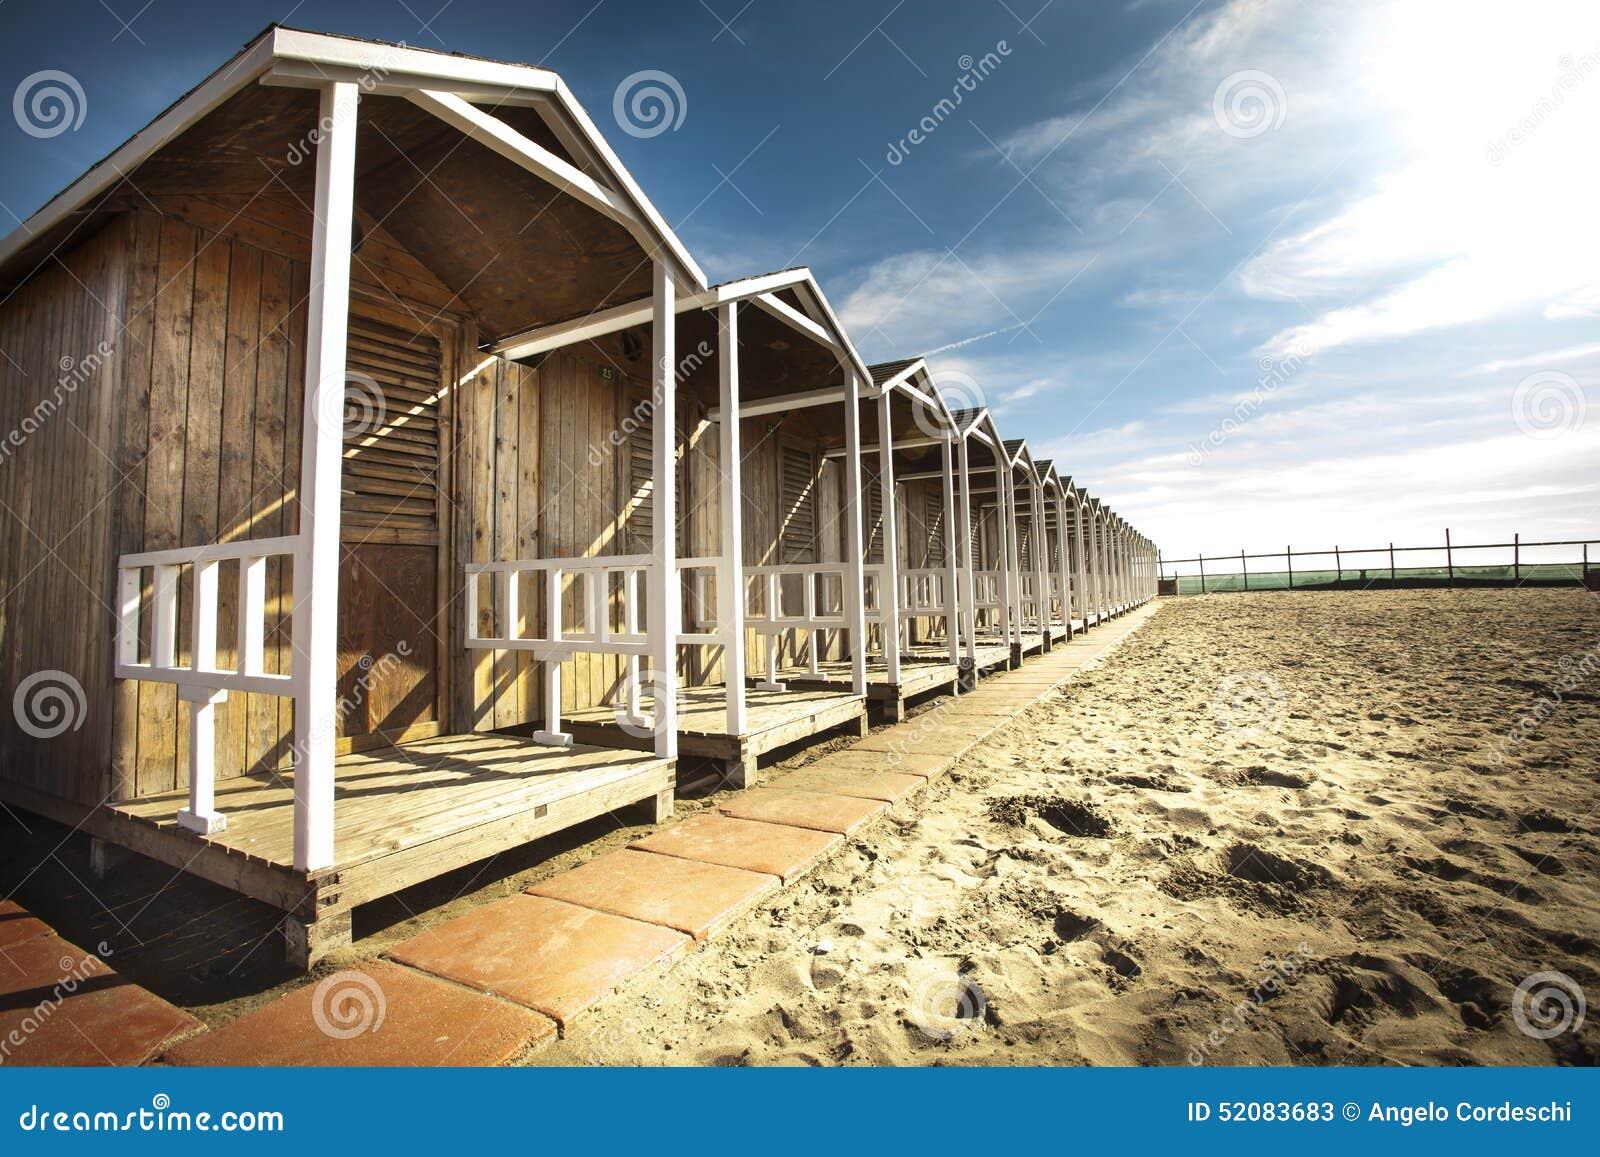 Capanne di legno sulla spiaggia cielo blu con poche nuvole hdr